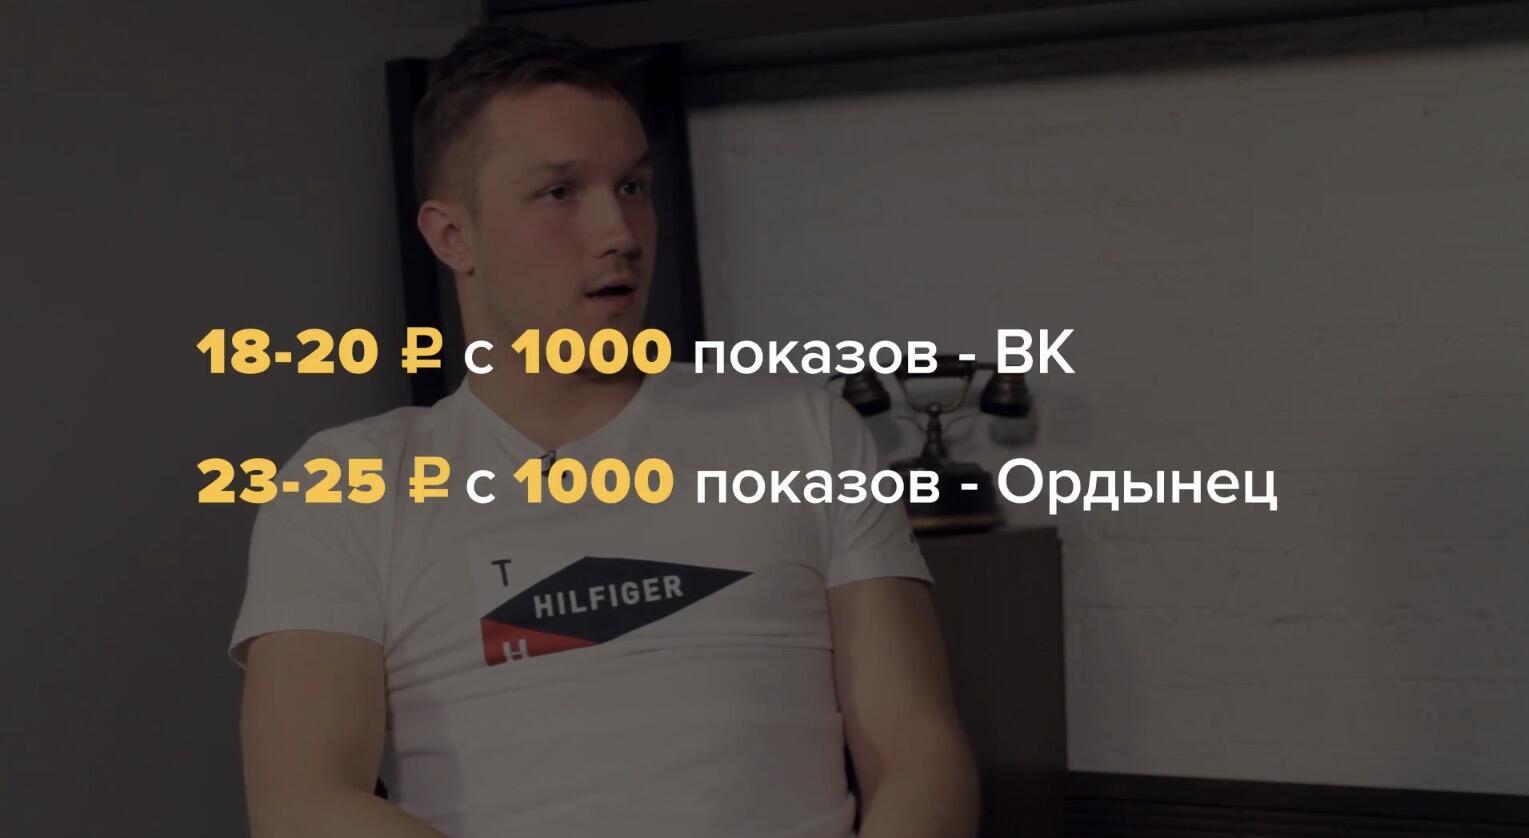 Интервью с Артемом Прокофьевым (Ордынец), ч. 1: заработок на пабликах 3